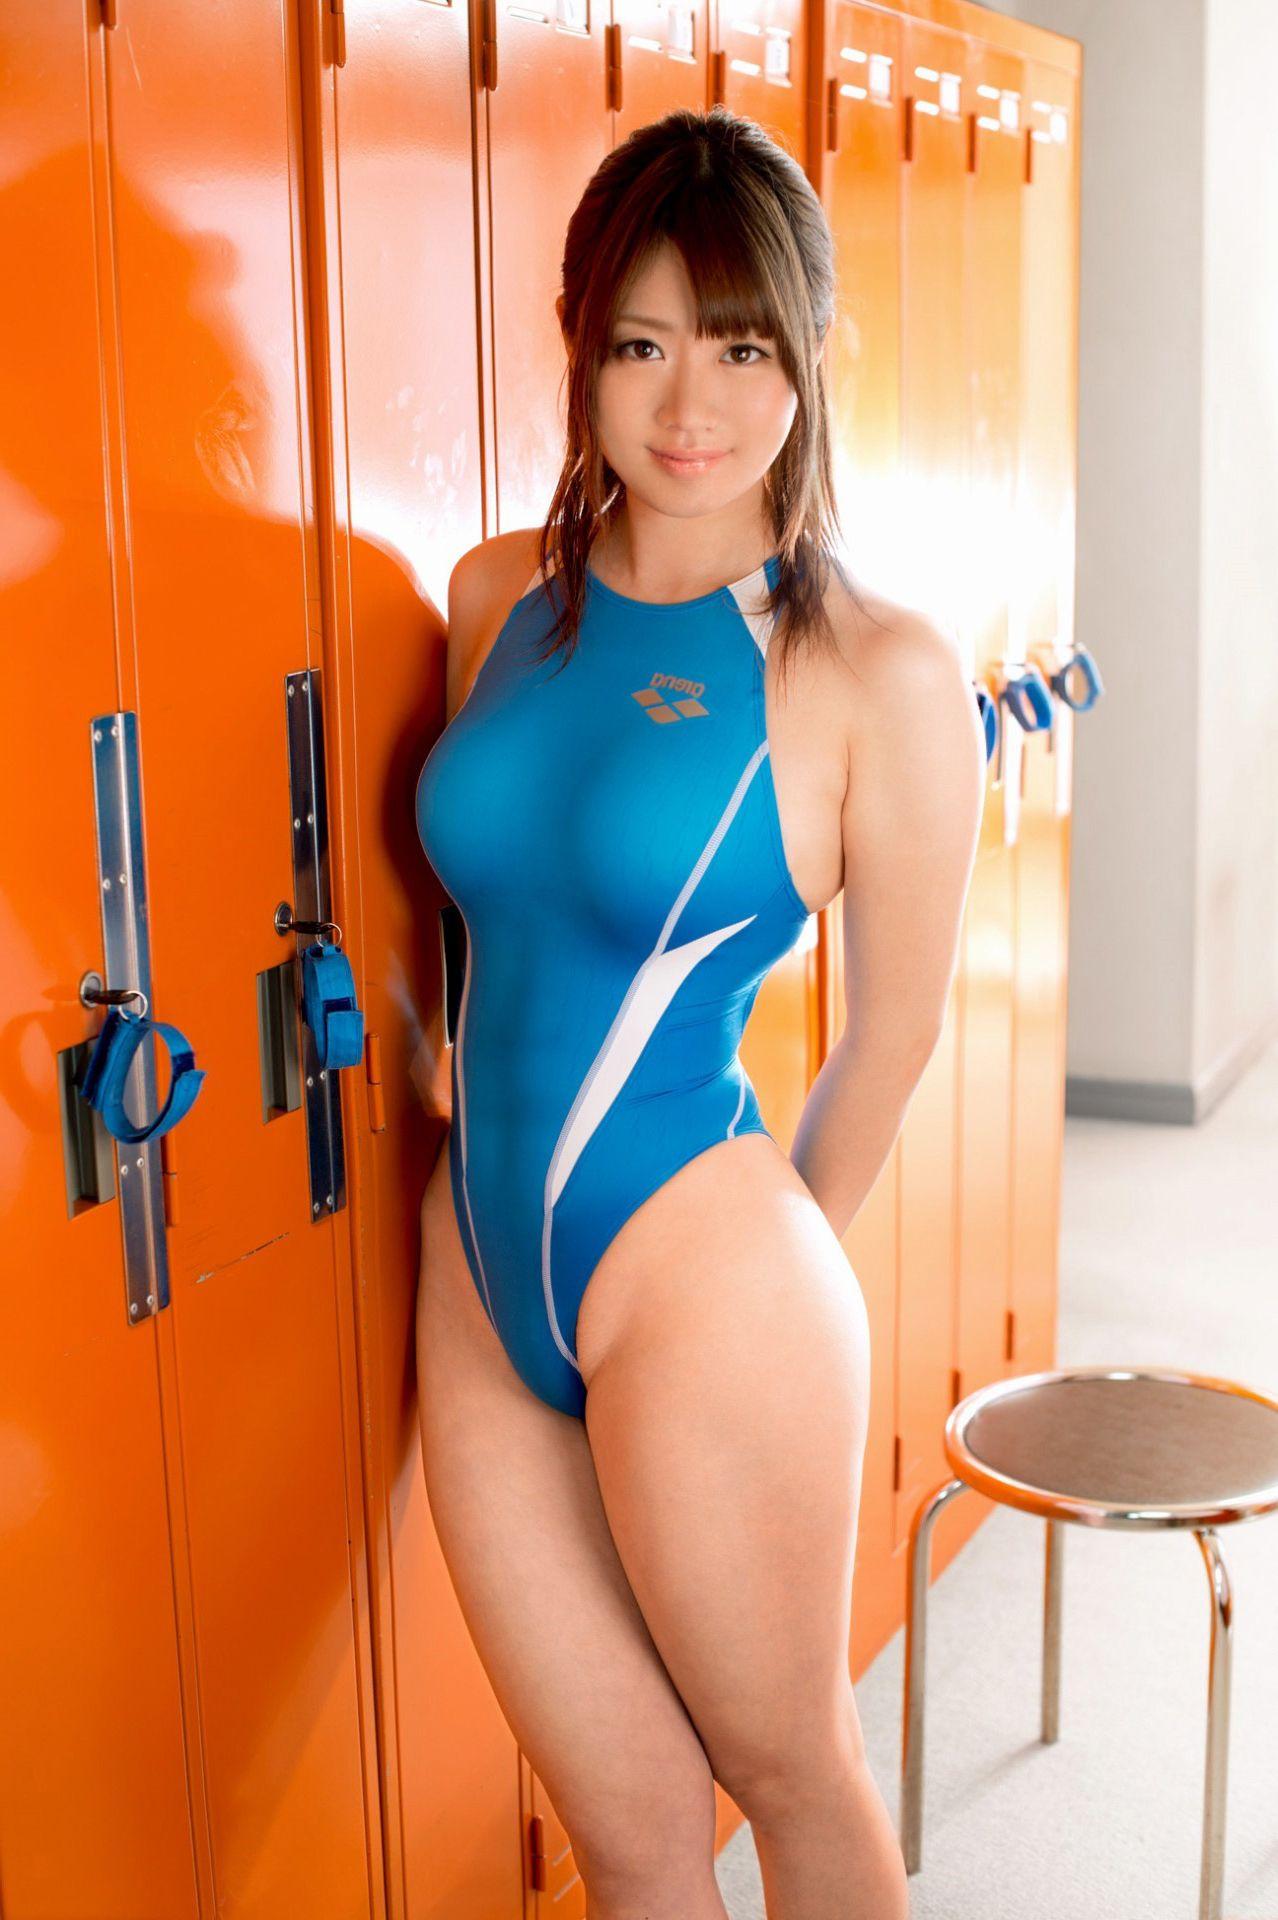 Japanese Lesbian Swimsuit Sex - kaylamreed.com